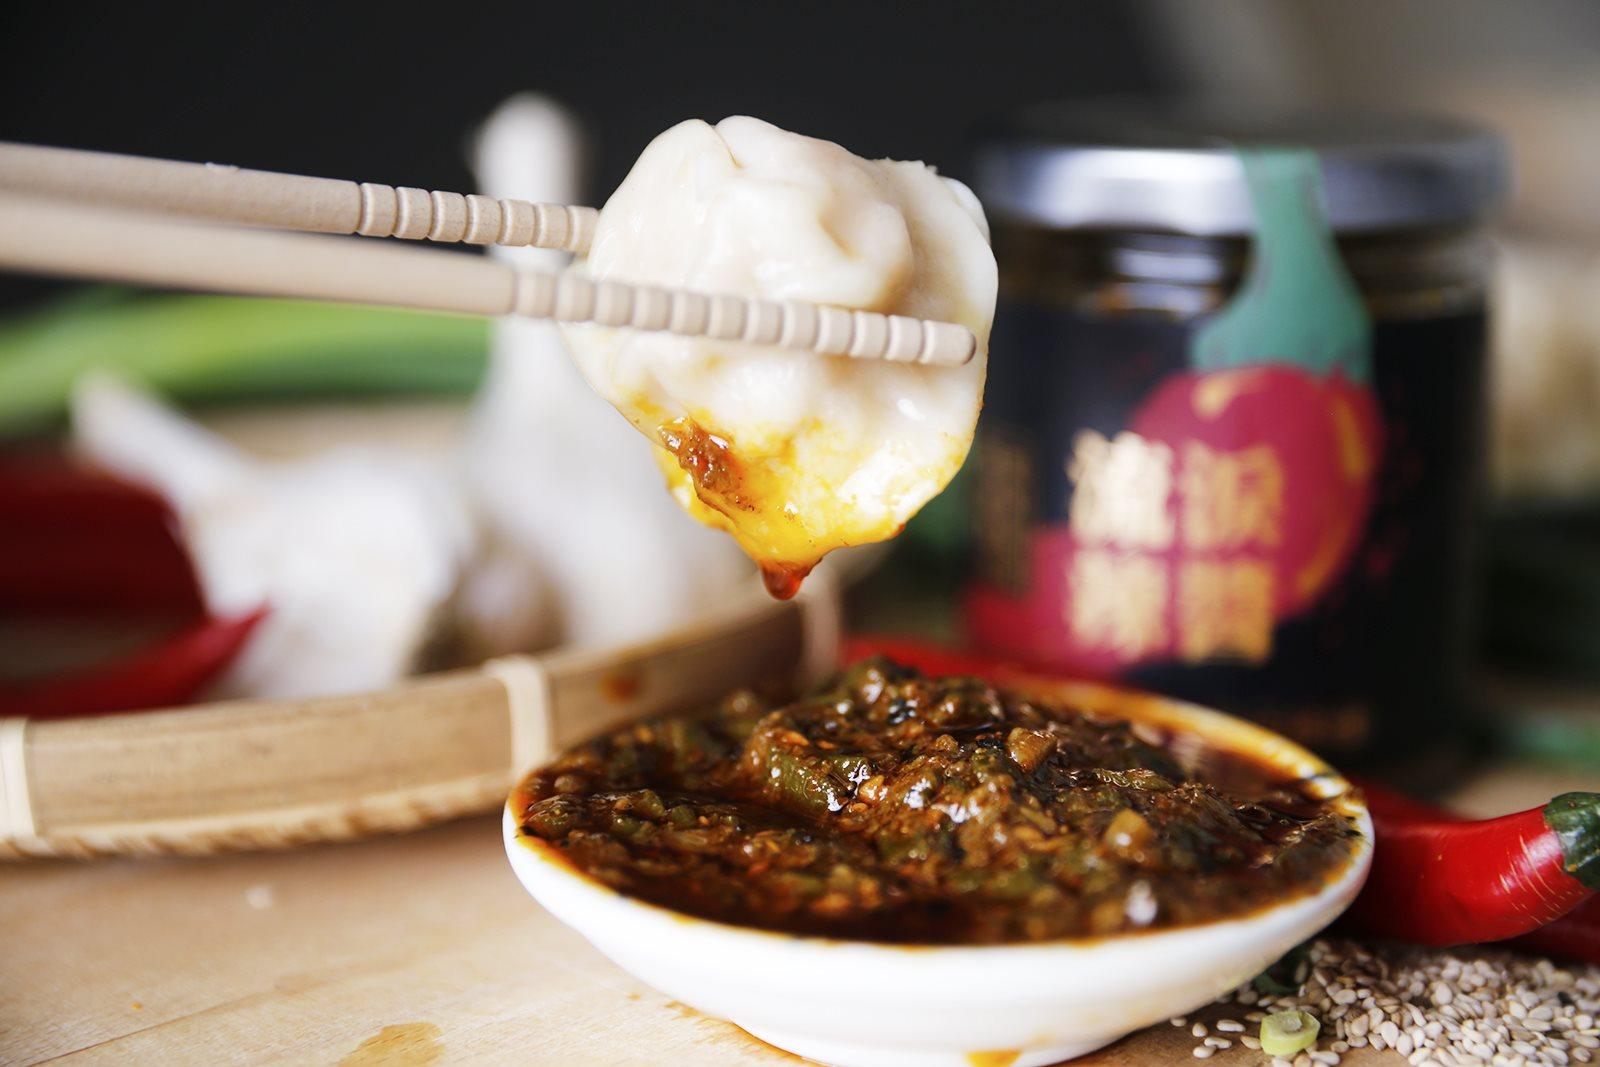 甘樂私房水餃沾醬調味作法大公開,不可缺少的禾乃川味噌溜與流淚辣醬